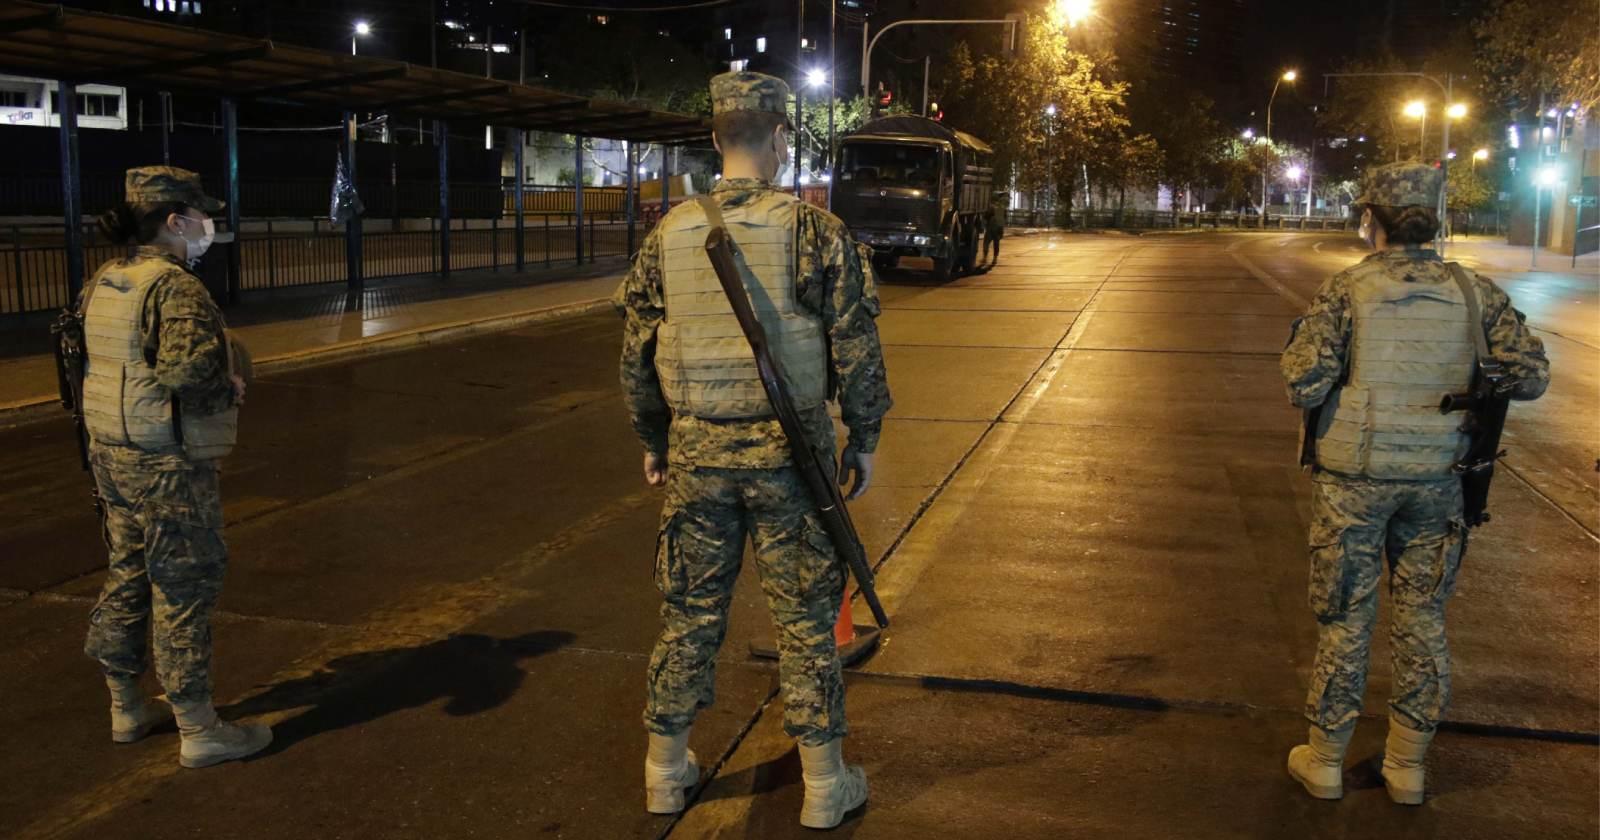 Dos civiles resultaron heridos: militares utilizaron armamento tras incidente en control por toque de queda